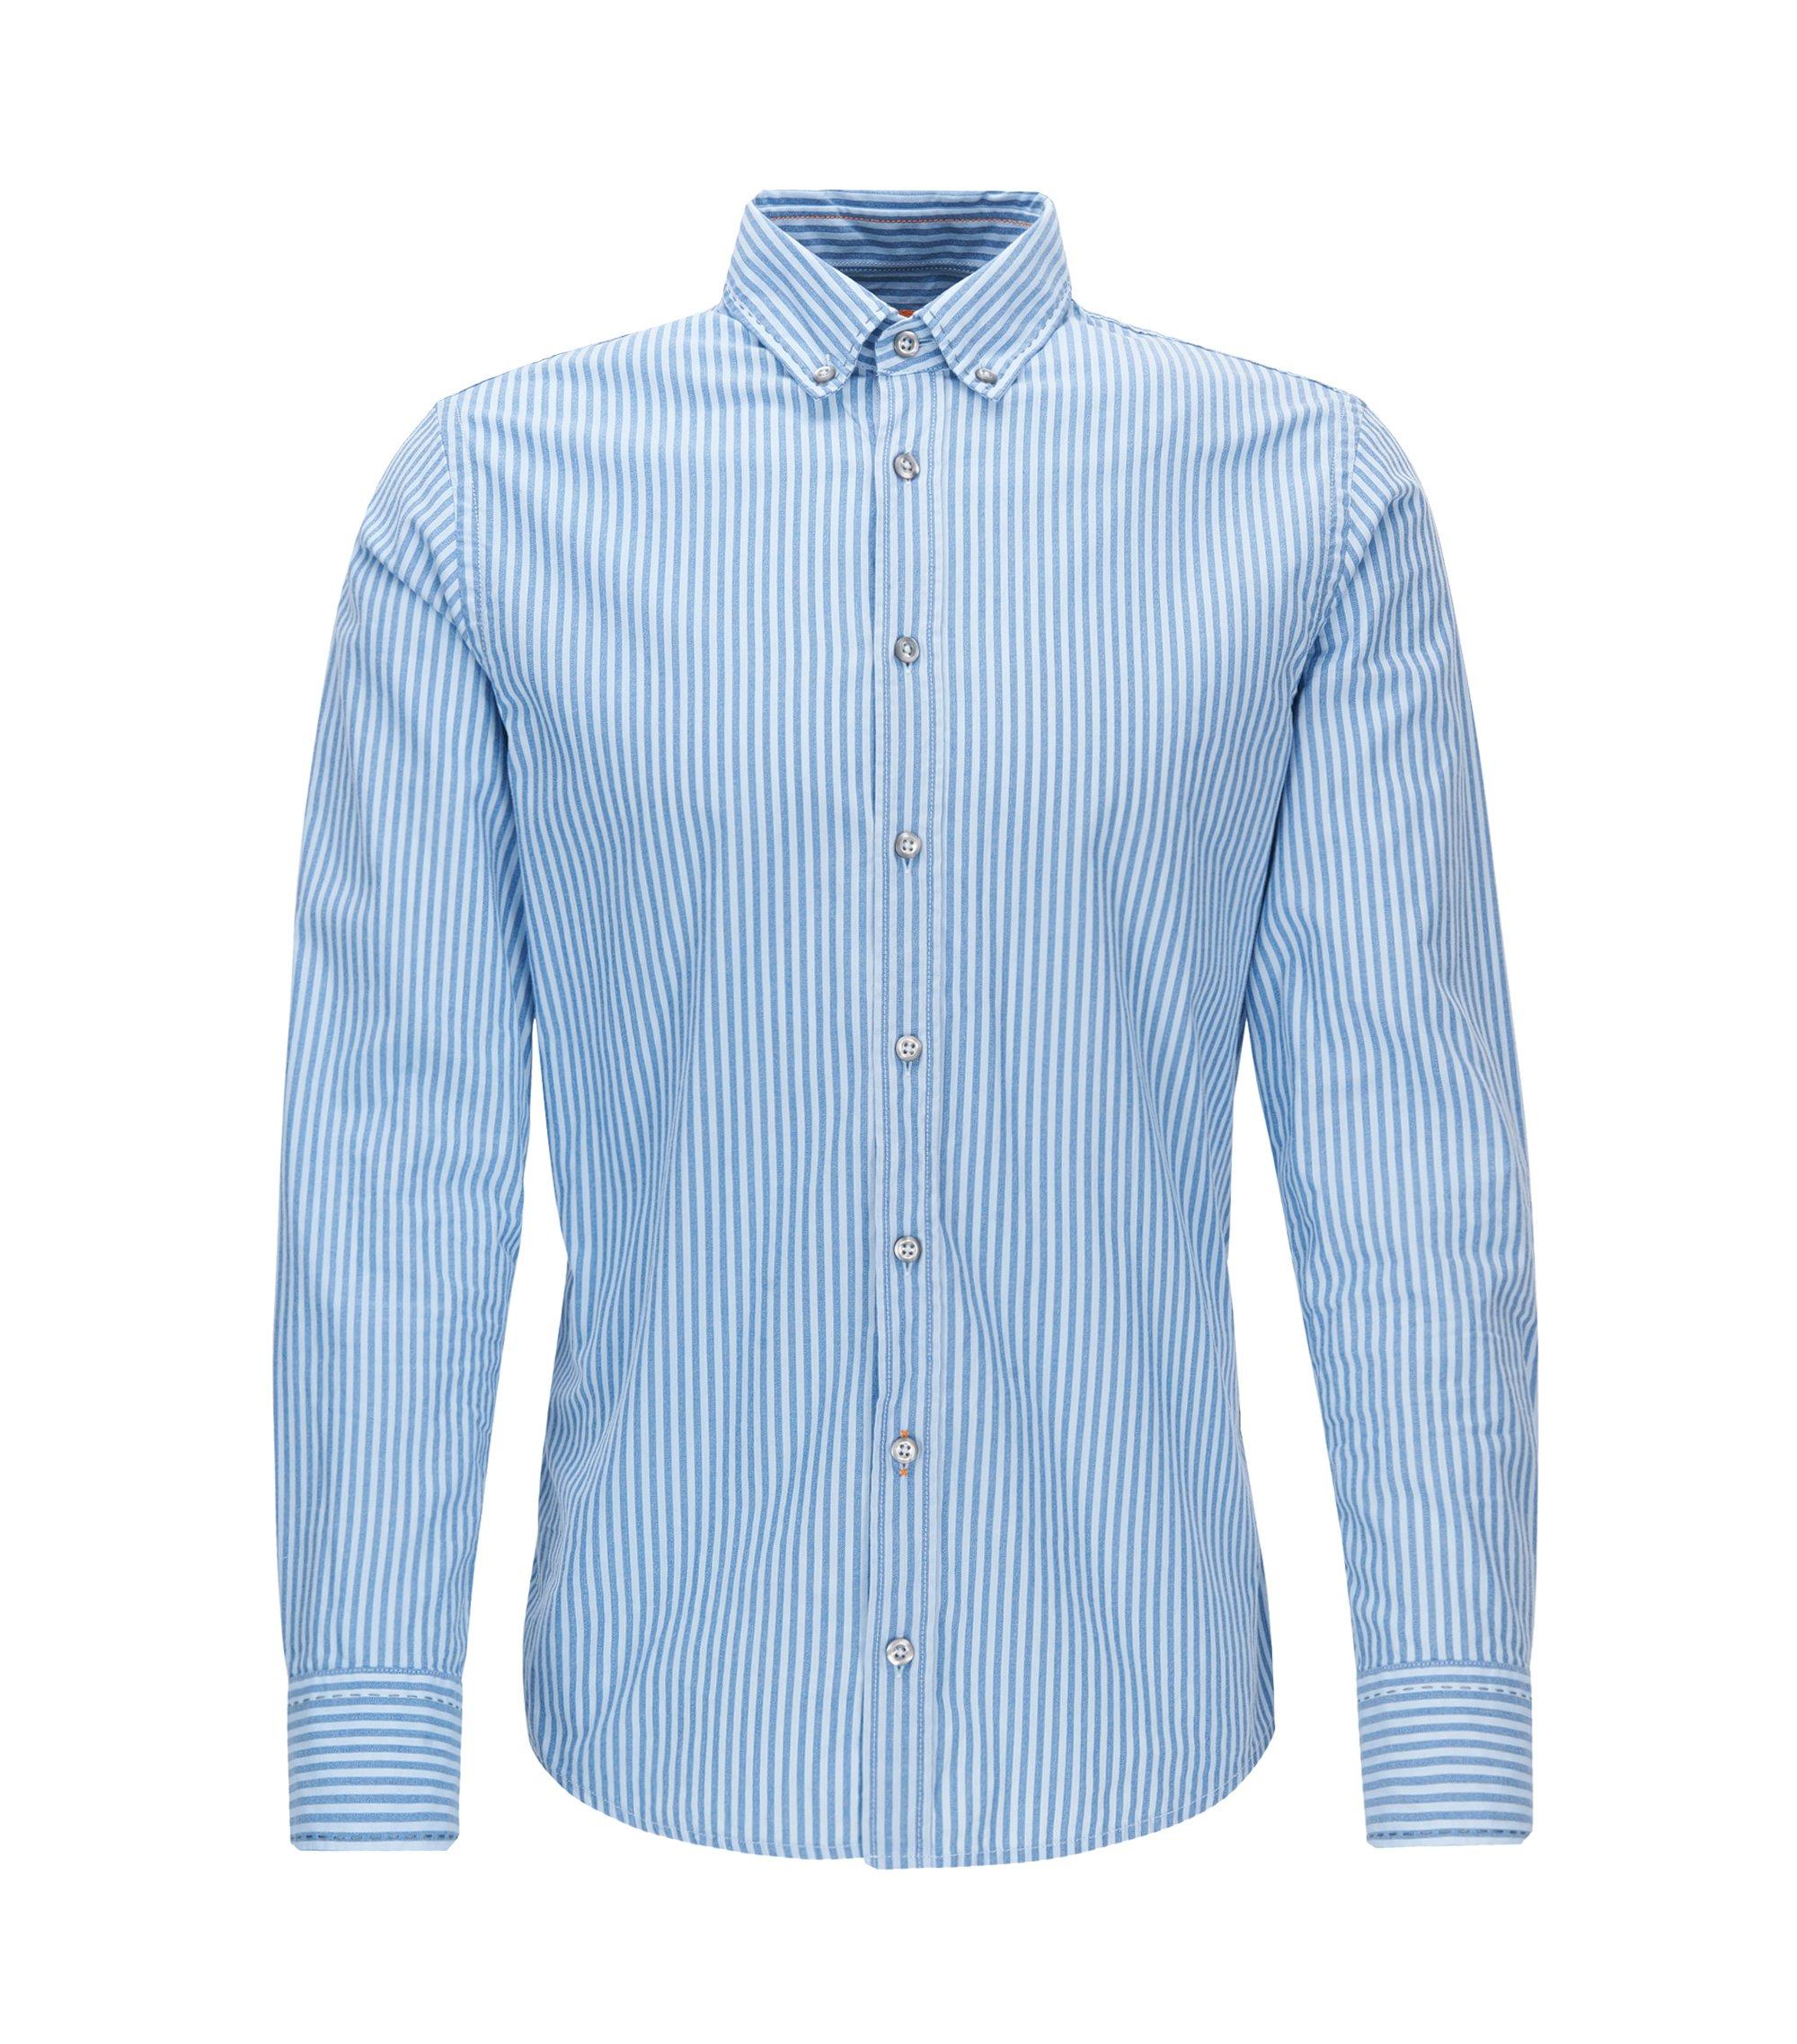 Camicia slim fit in cotone a righe, Blu